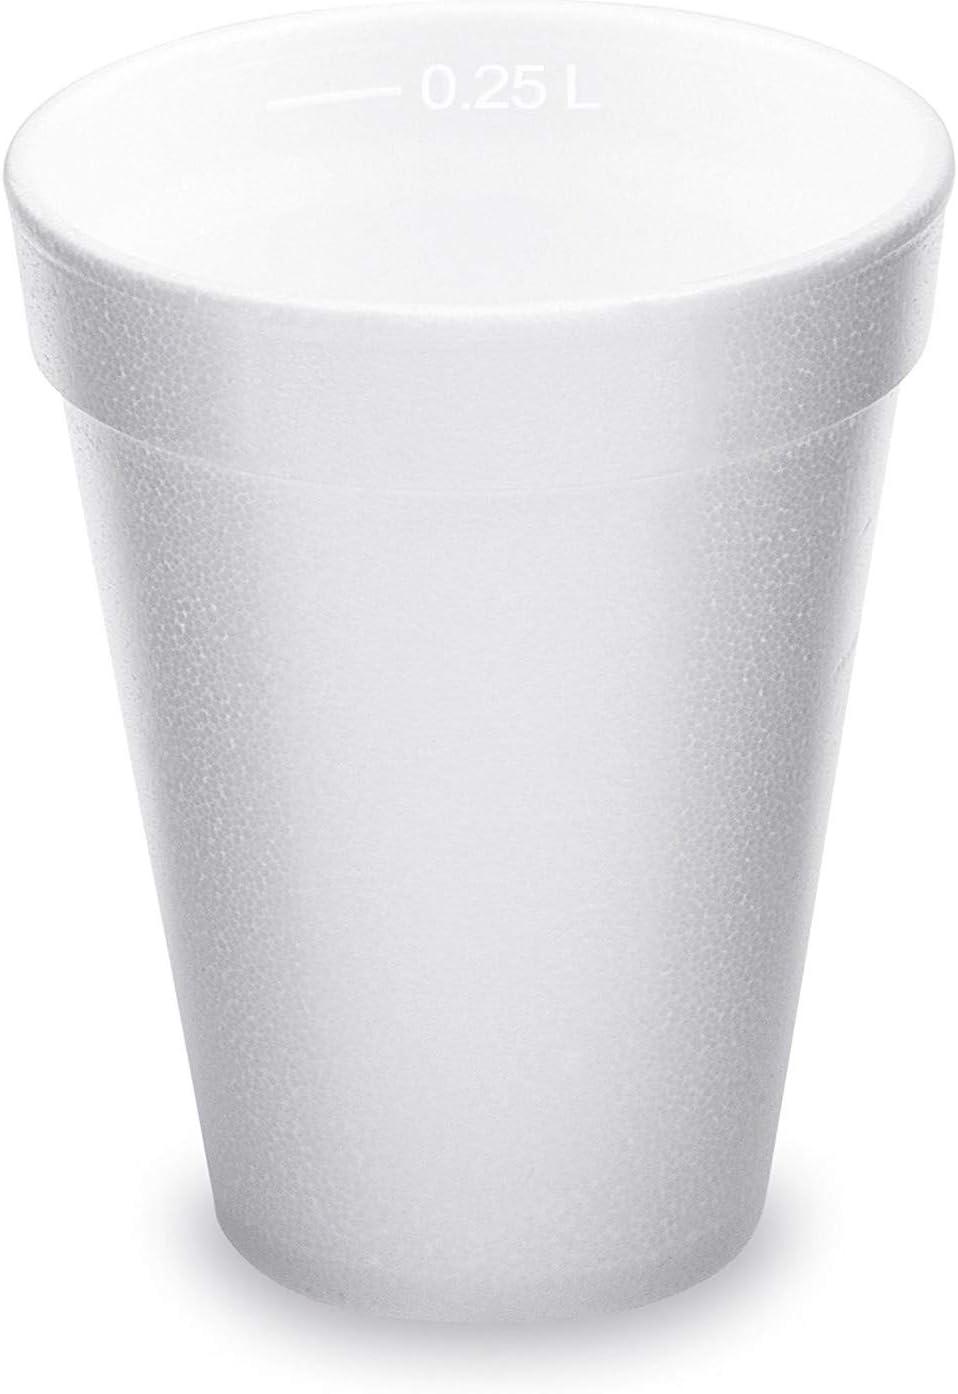 mercado de Navidad blanco Juego de vasos t/érmicos de poliestireno EPS 250 ml 80 oz para vino caliente punsch t/é 60 unidades